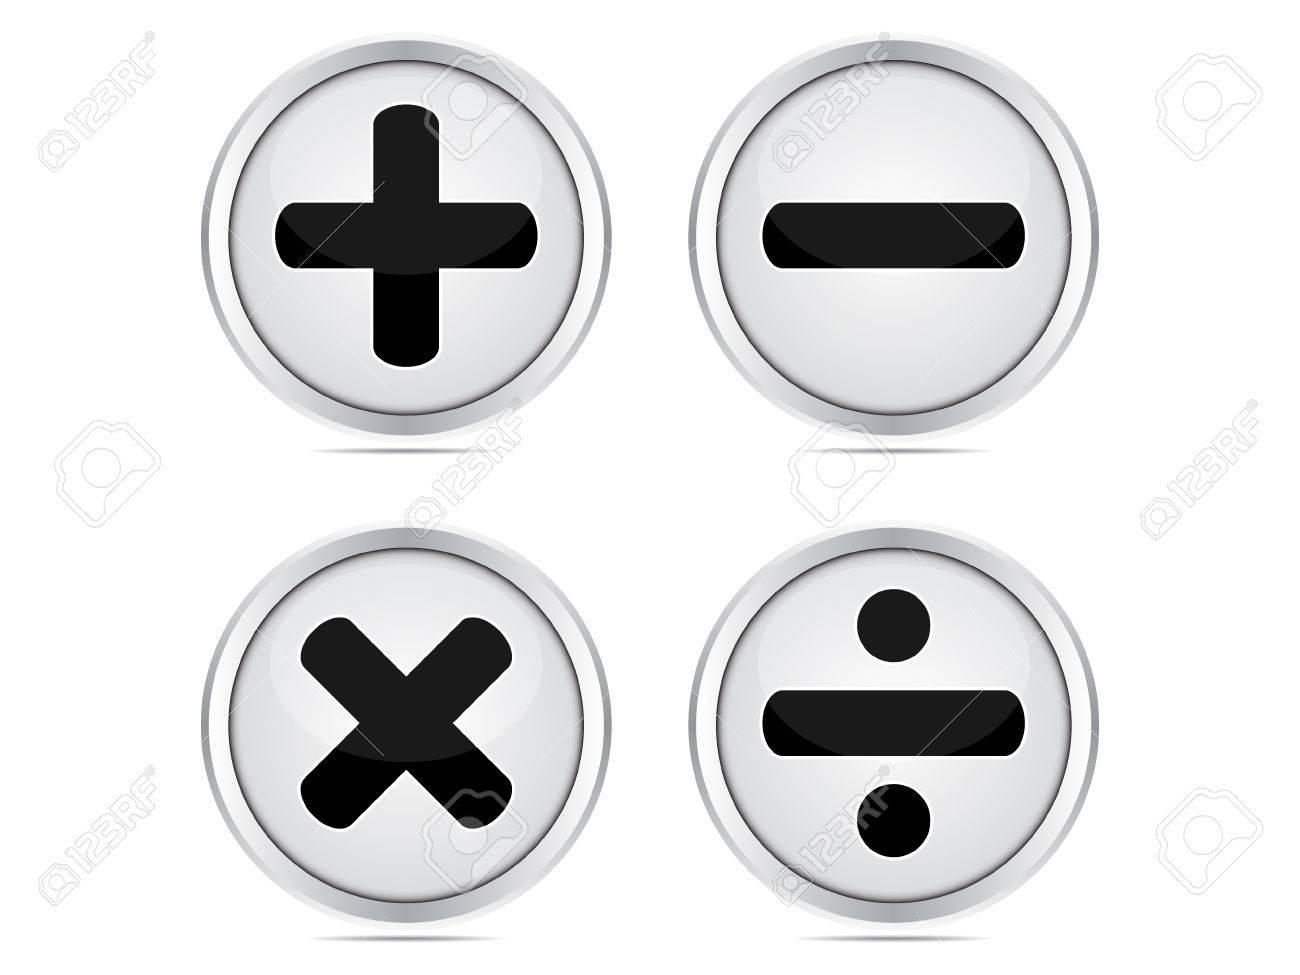 mathematics buttons Stock Vector - 10496689